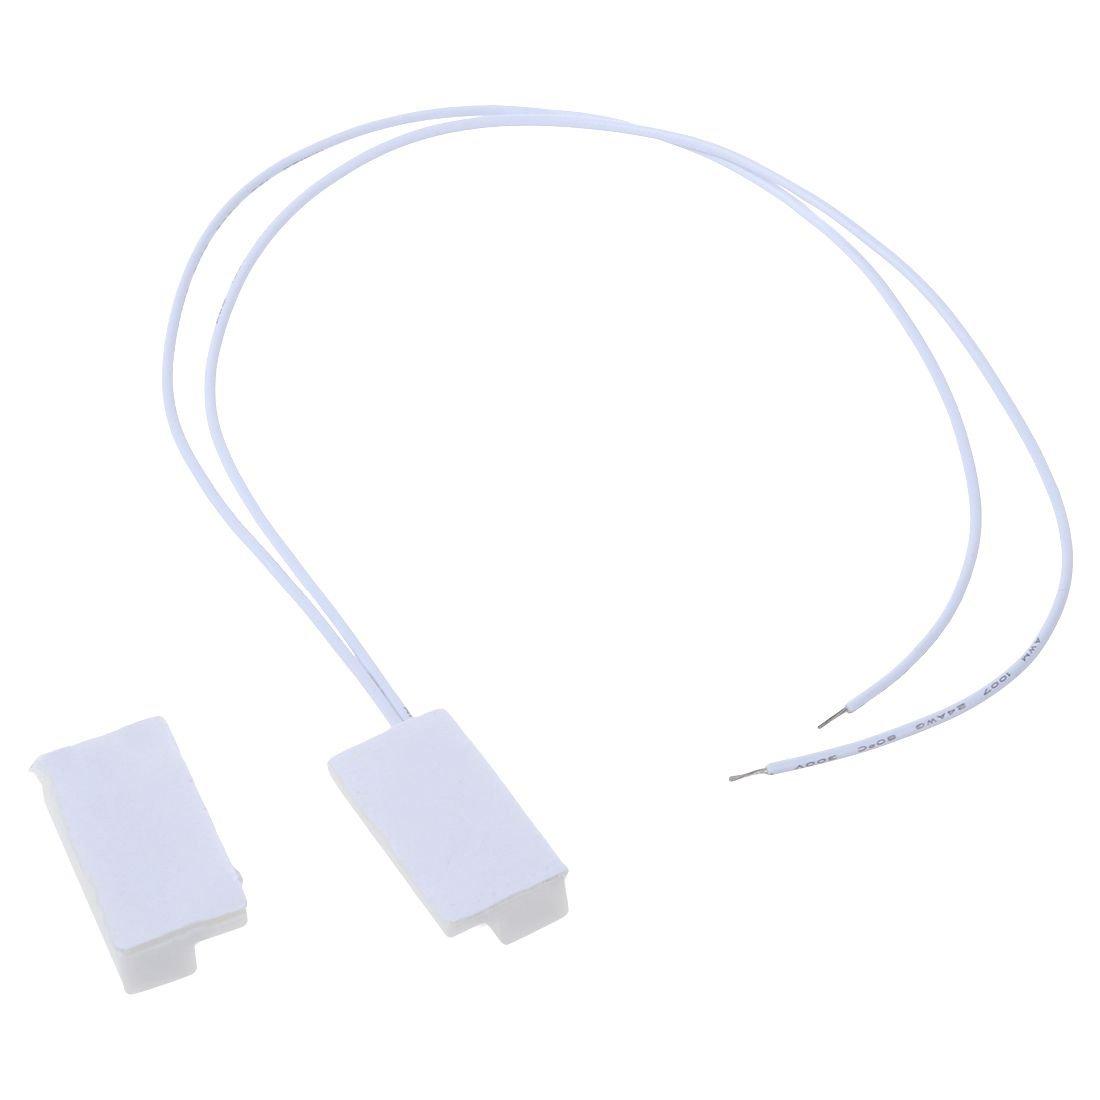 Contactos magneticos para puertas - TOOGOO(R)1 par MC38 con cable de alarma de casa puerta de ventana de sistema de sensor magnetico de interruptor